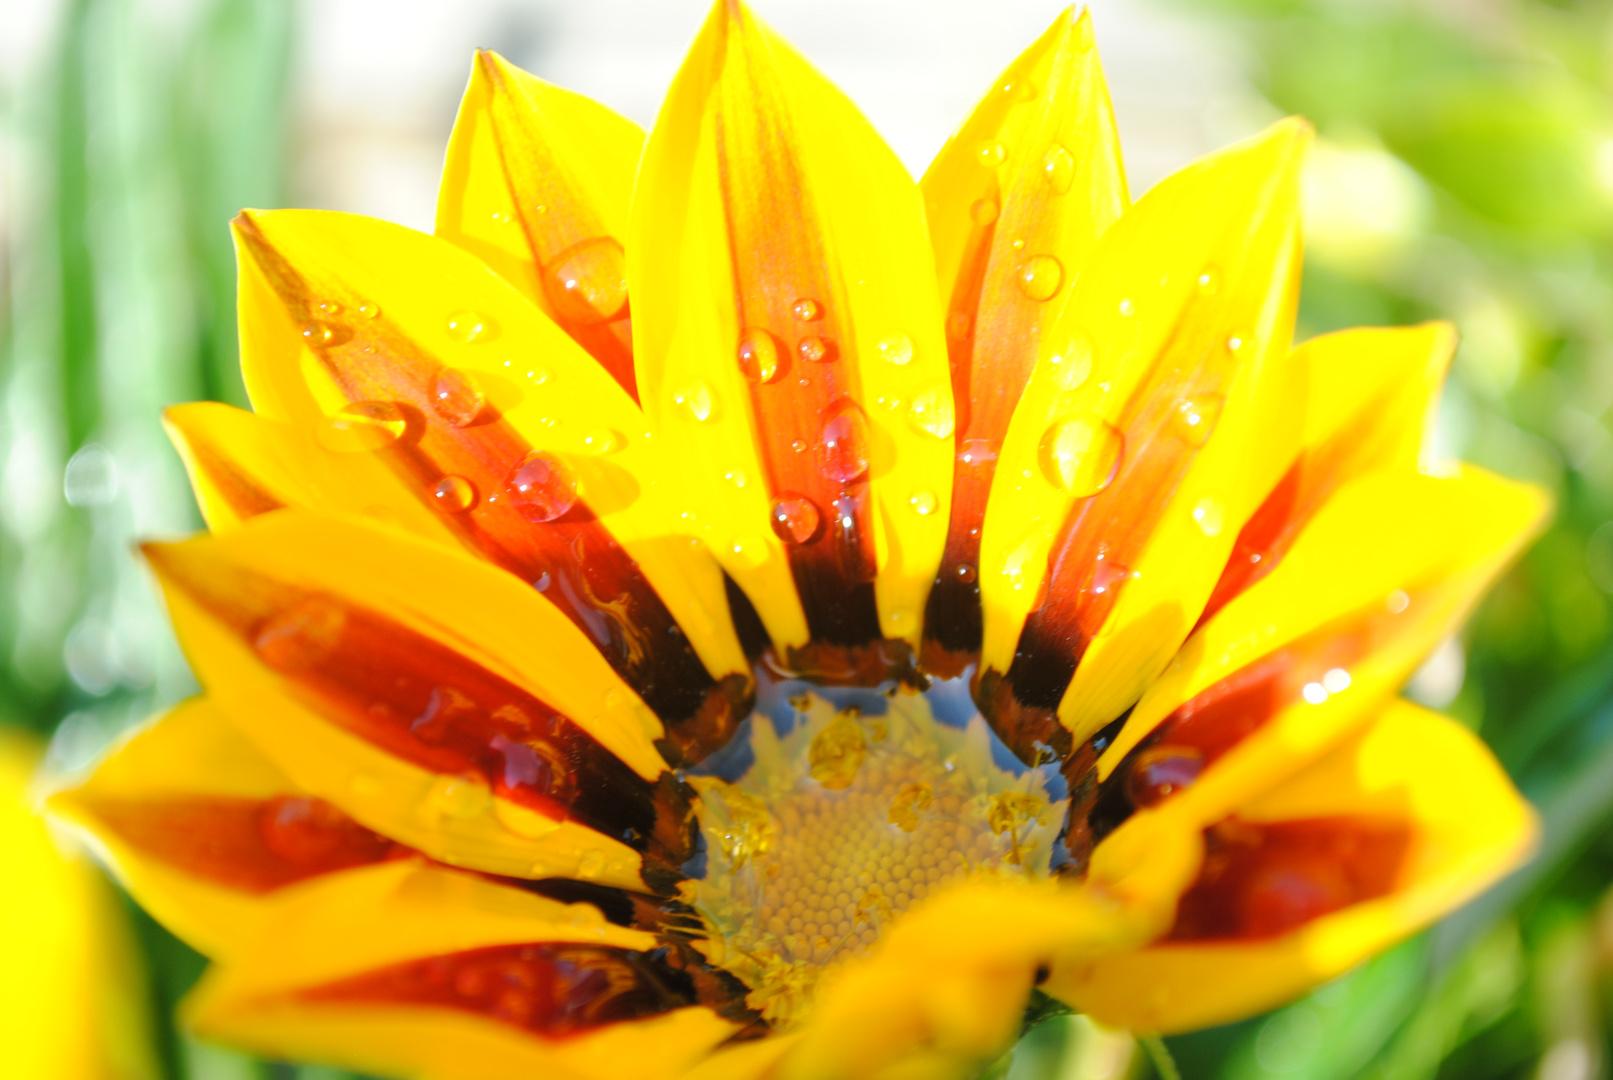 Nach dem Regen, scheint die Blüte.